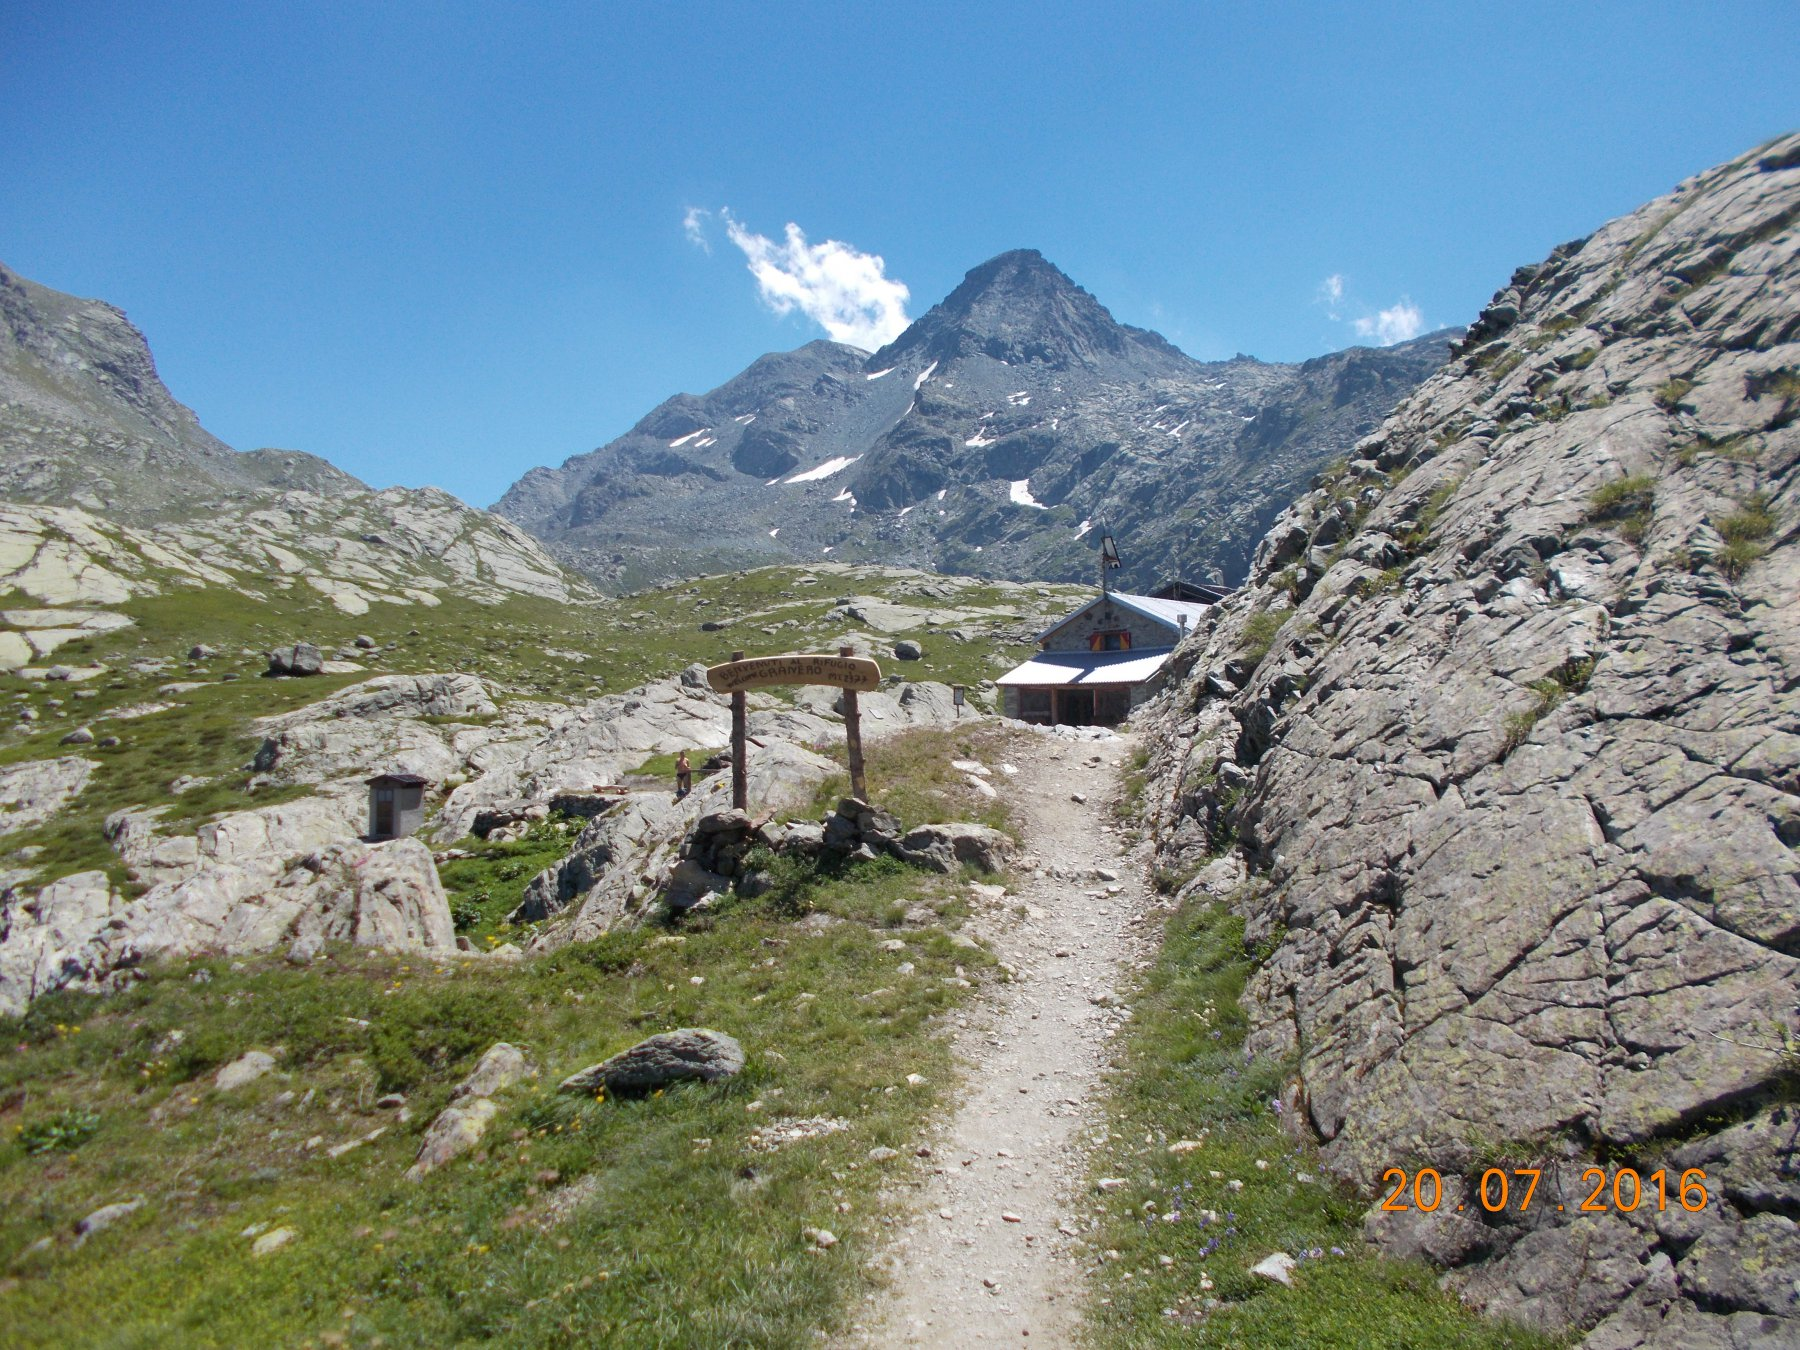 Arrivo al rifugio Granero sito a 2377m nel vallone che porta al passo Luisas.